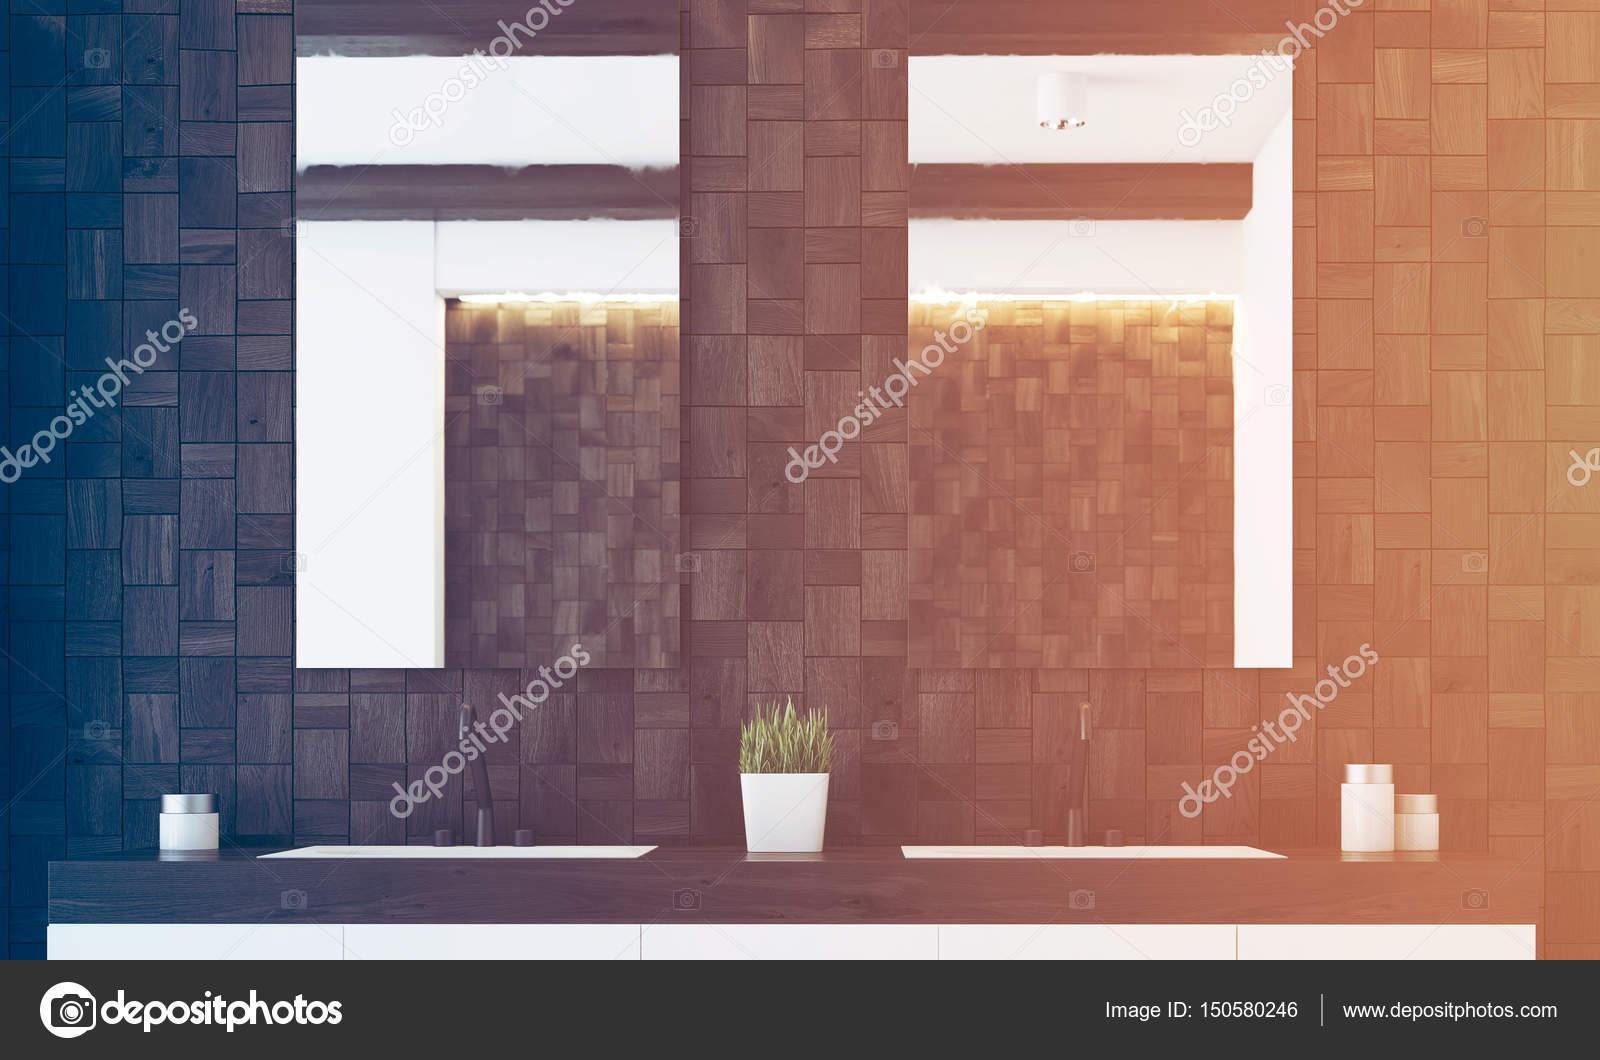 Badezimmerwand Mit Dunklen Fliesen Und Zwei Spiegel Hängen über Ein  Doppel Waschbecken. Konzept Für Ein Gemütliches Zuhause. 3D Rendering,  Getönten Bild ...